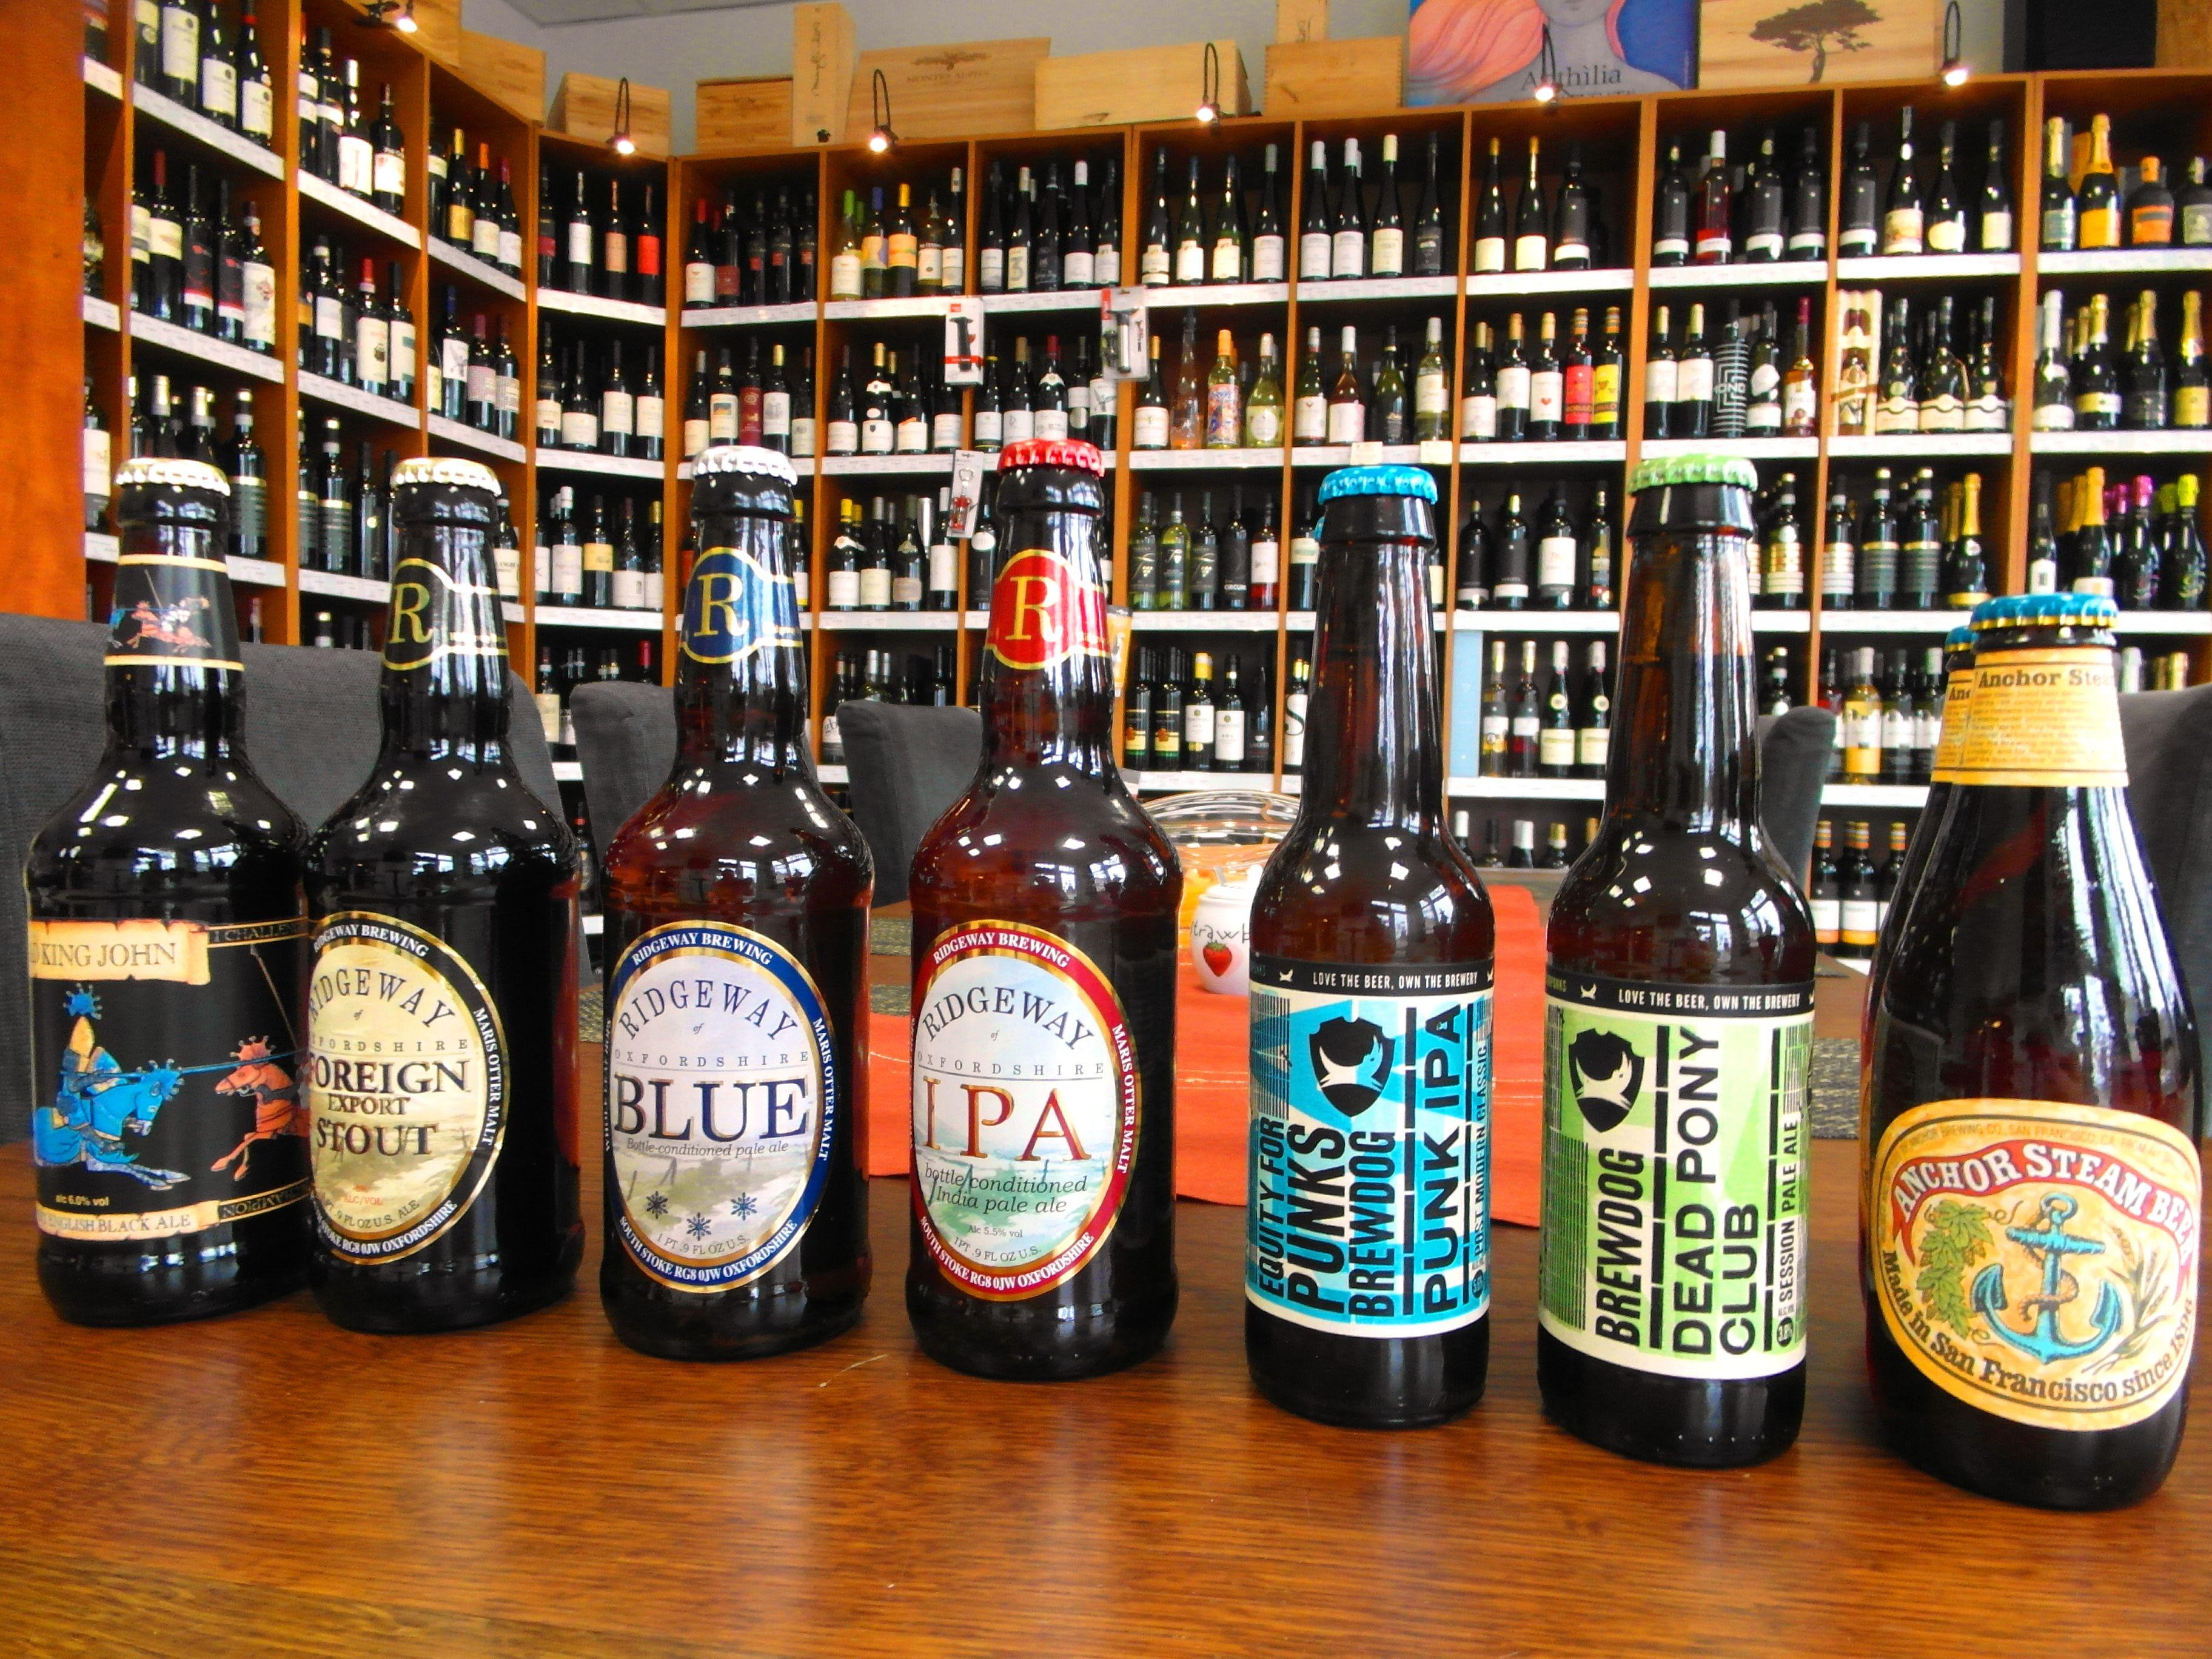 Ochutnali ste už pivo z Anglicka , Škótska alebo USA - www.inmedio.sk  #pivo #beer #birra #cerveza #anglicko #skotsko #usa #bier #brewdog #ridgeway #ipa #anchorsteambeer #paleale #ale